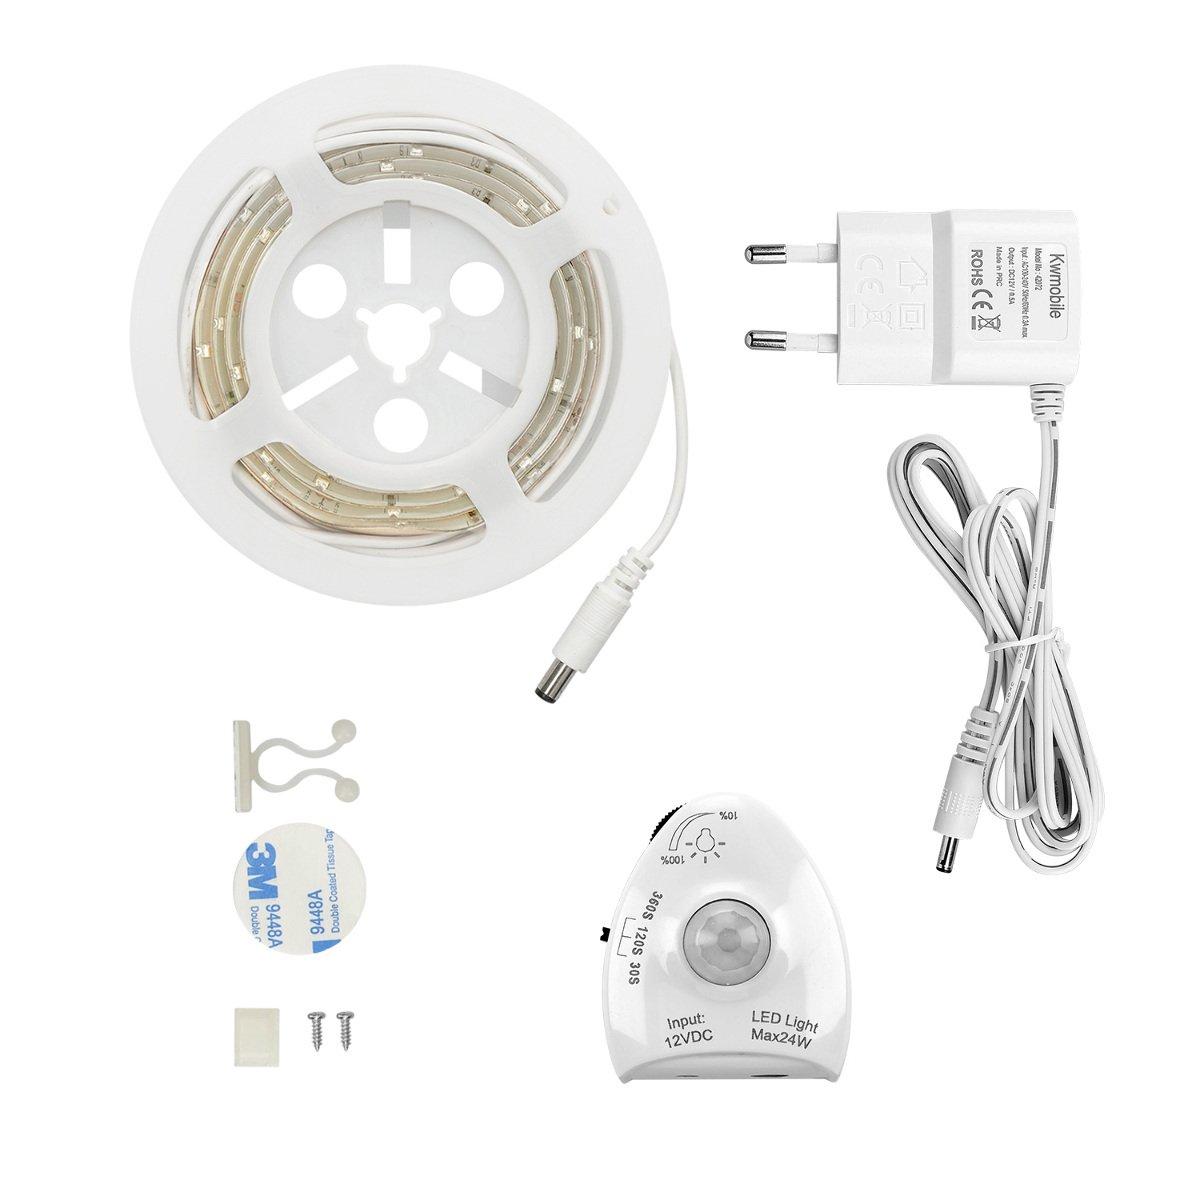 kwmobile Luz LED para cama con sensor - Tira de luz regulable - Cinta de luces con sensor de movimiento - Iluminación en blanco cálido: Amazon.es: ...